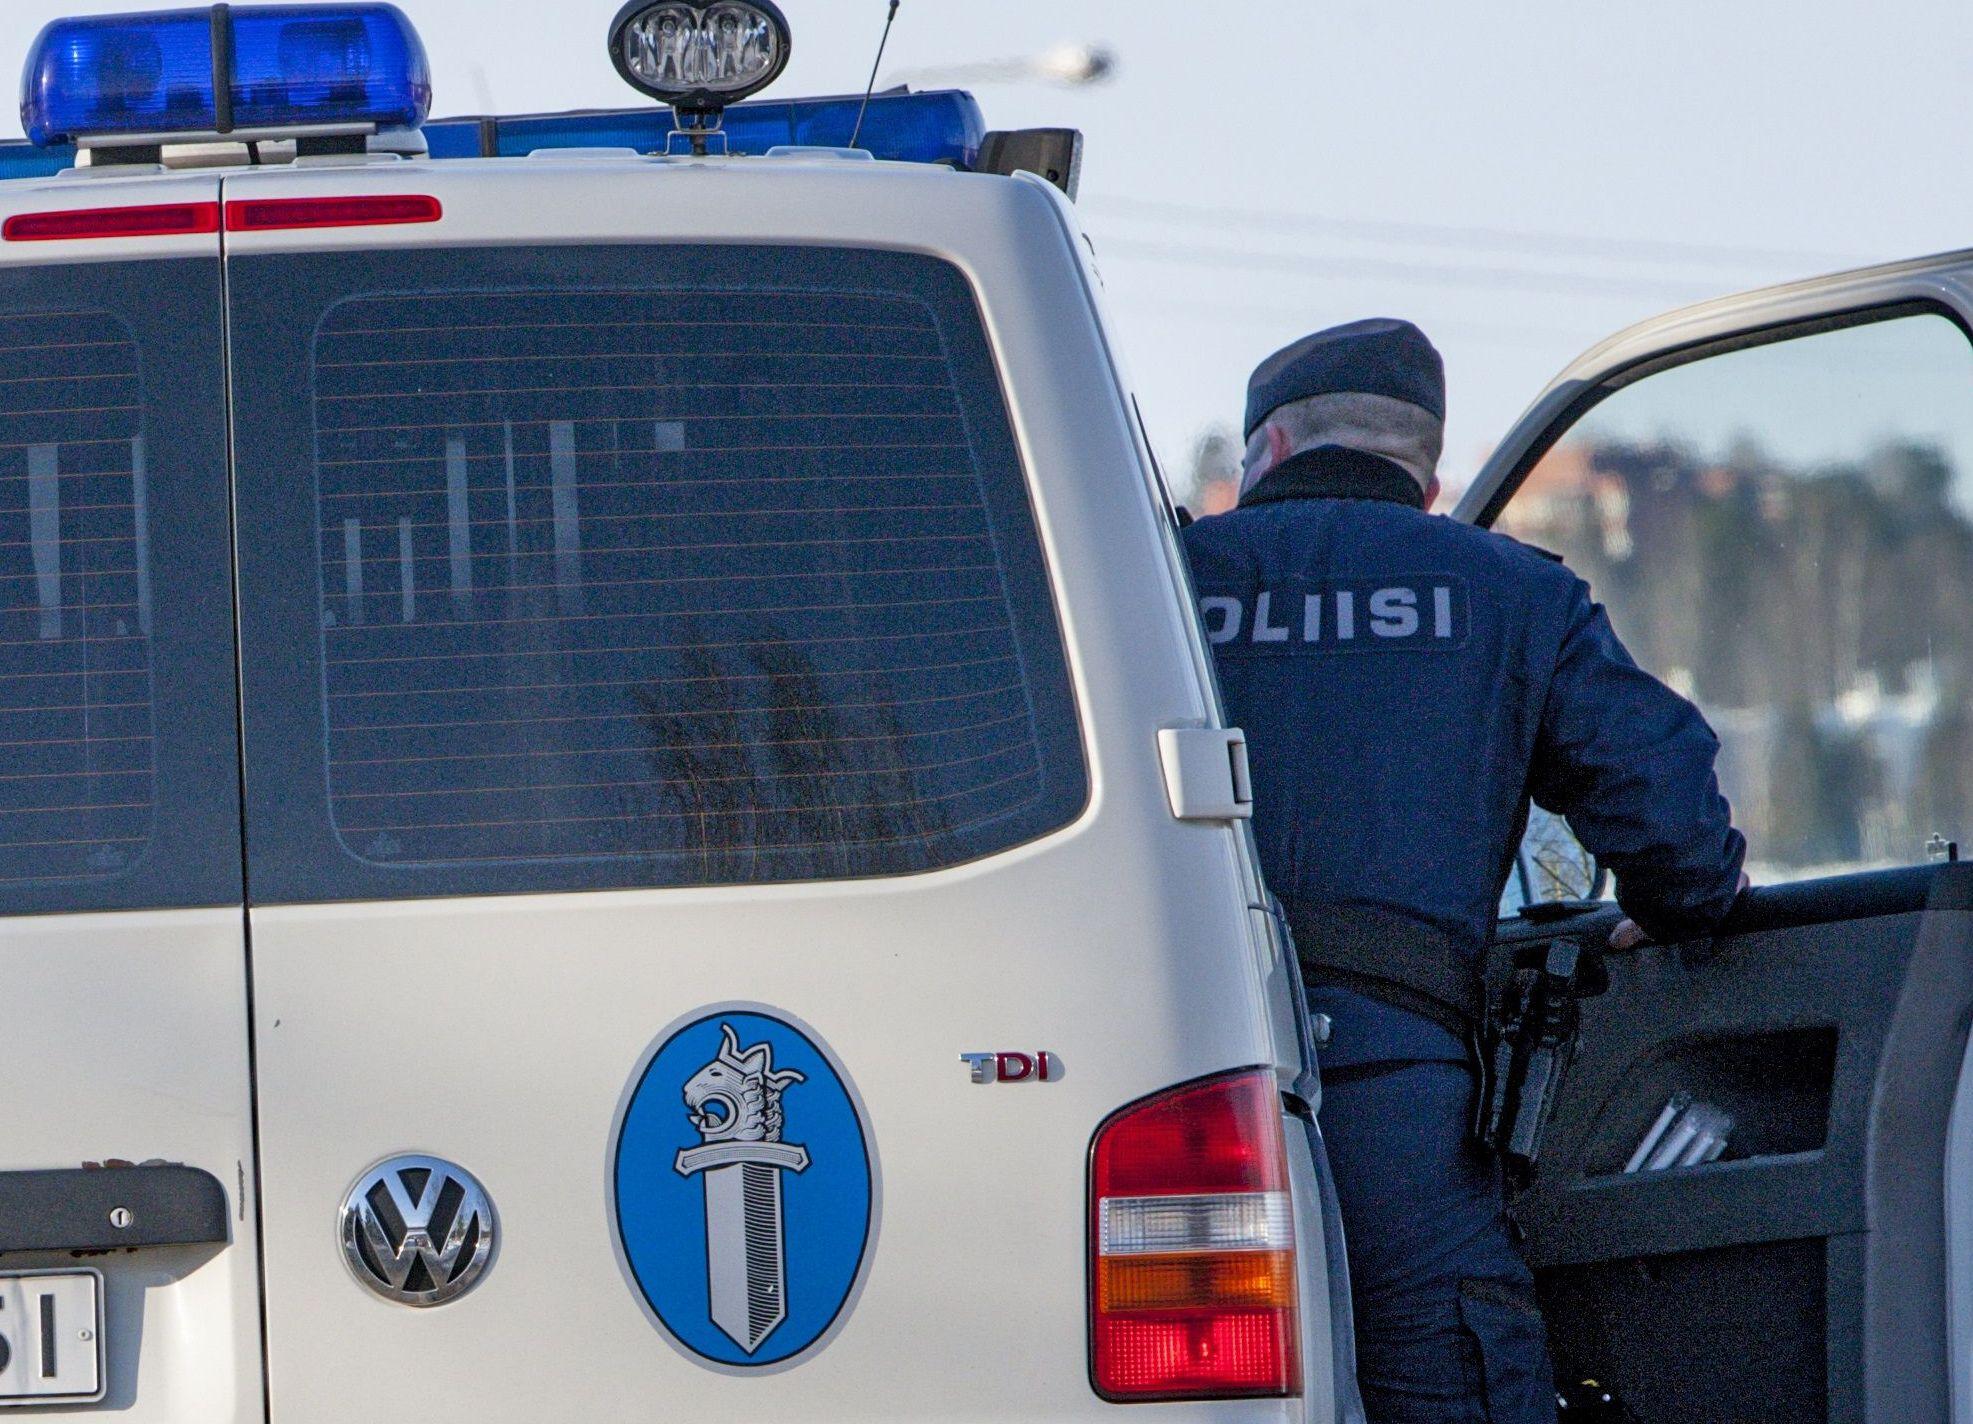 Poliisi Kirkkonummi